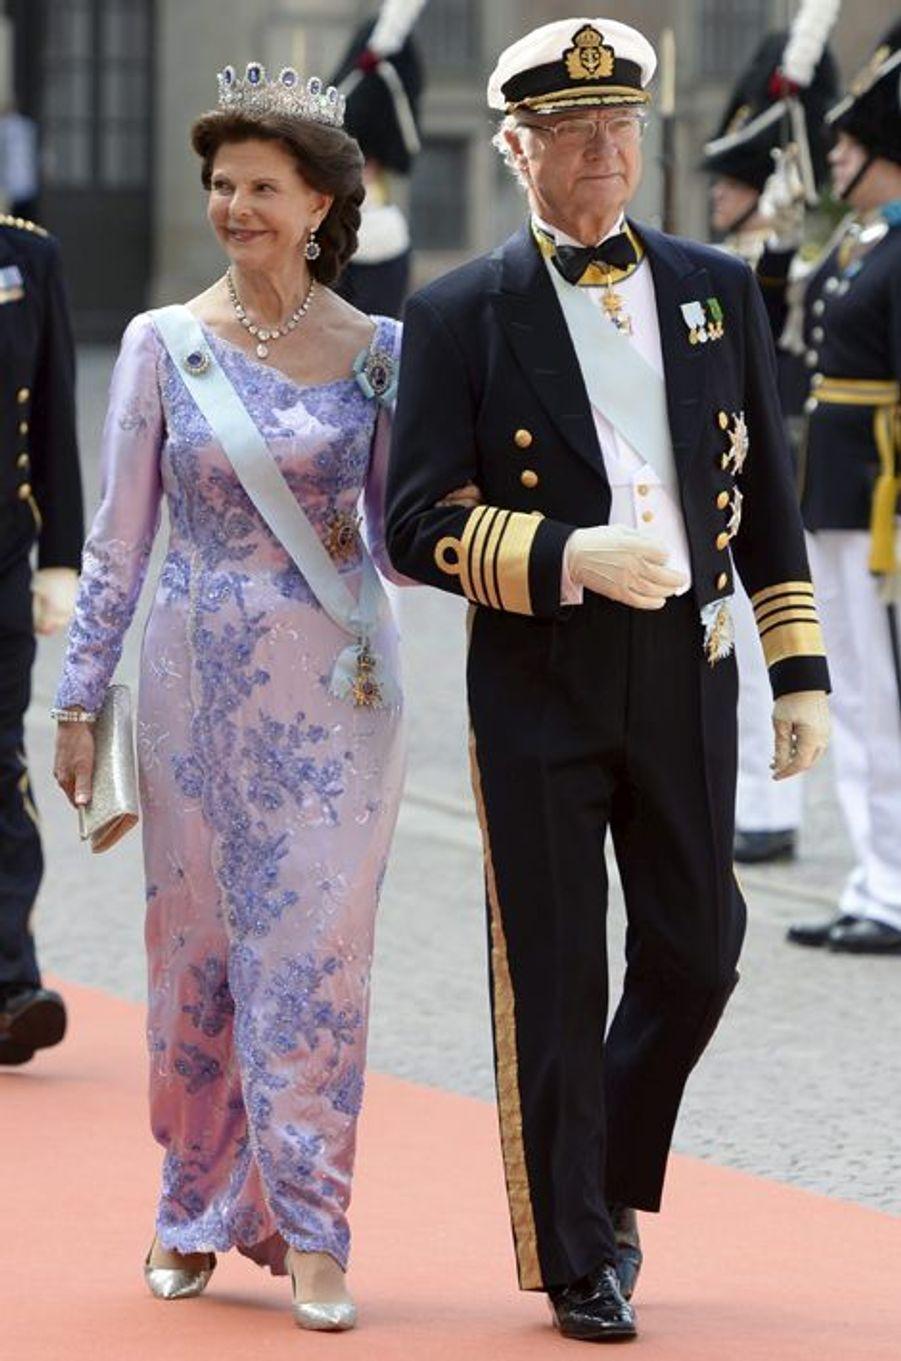 La reine Silvia et le roi Carl XVI Gustaf de Suède à Stockholm, le 13 juin 2015